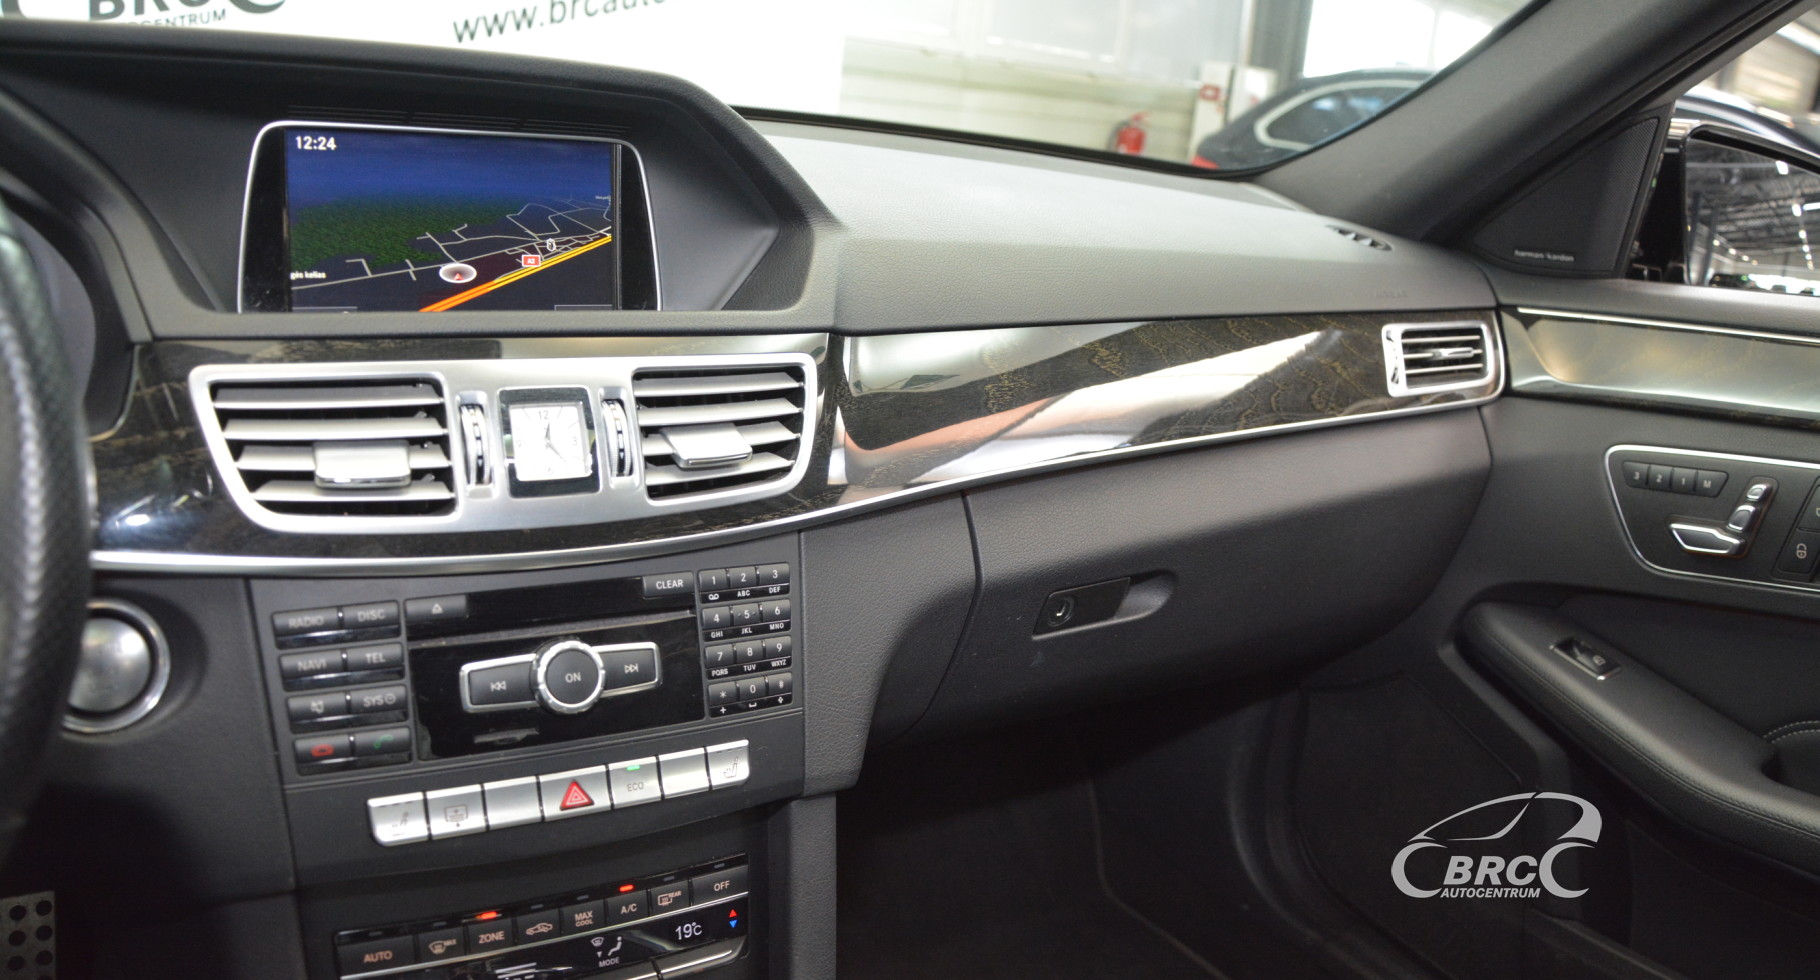 Mercedes-Benz E 250 BlueTec Automatas